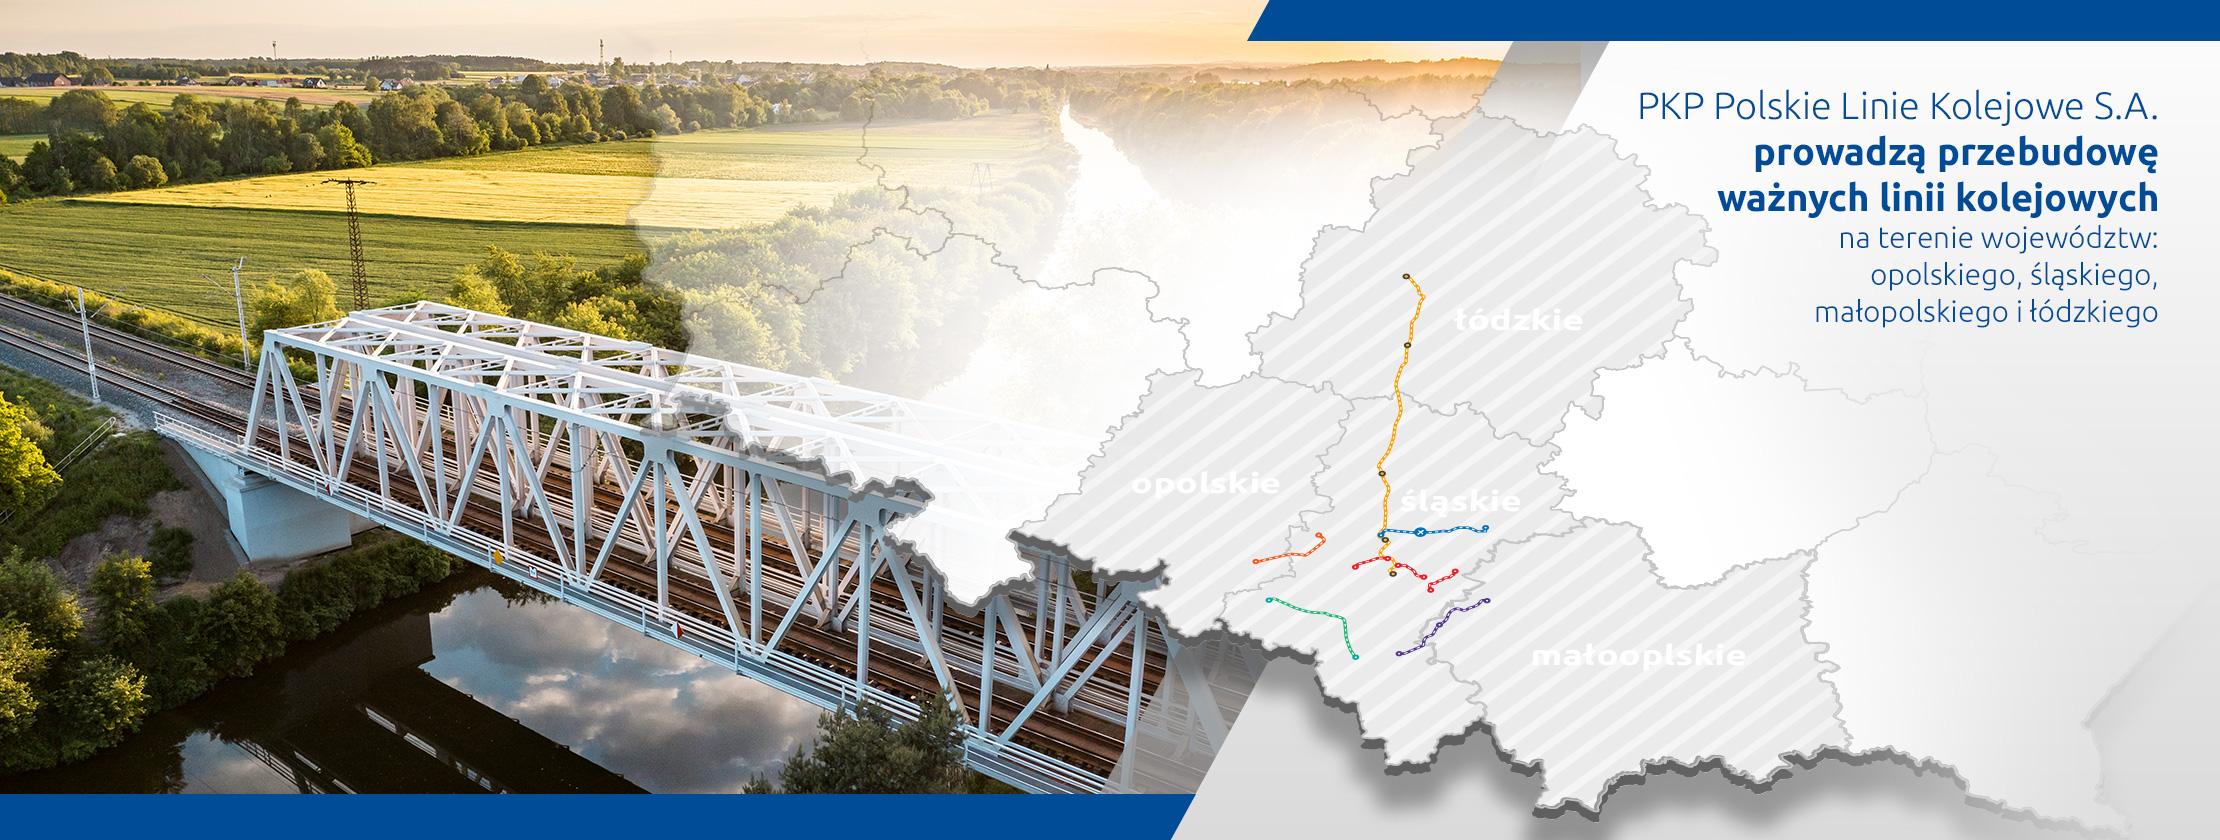 Slider główny Towary na tory - Grafika przedstawiająca odnowiony most kolejowy i mapę województw opolskiego, śląskiego, małopolskiego i łódzkiego z liniami kolejowymi modernizowanymi w ramach projektów PKP Polskich Linii Kolejowych S.A. - prowadzi do zakładki inwestycje.